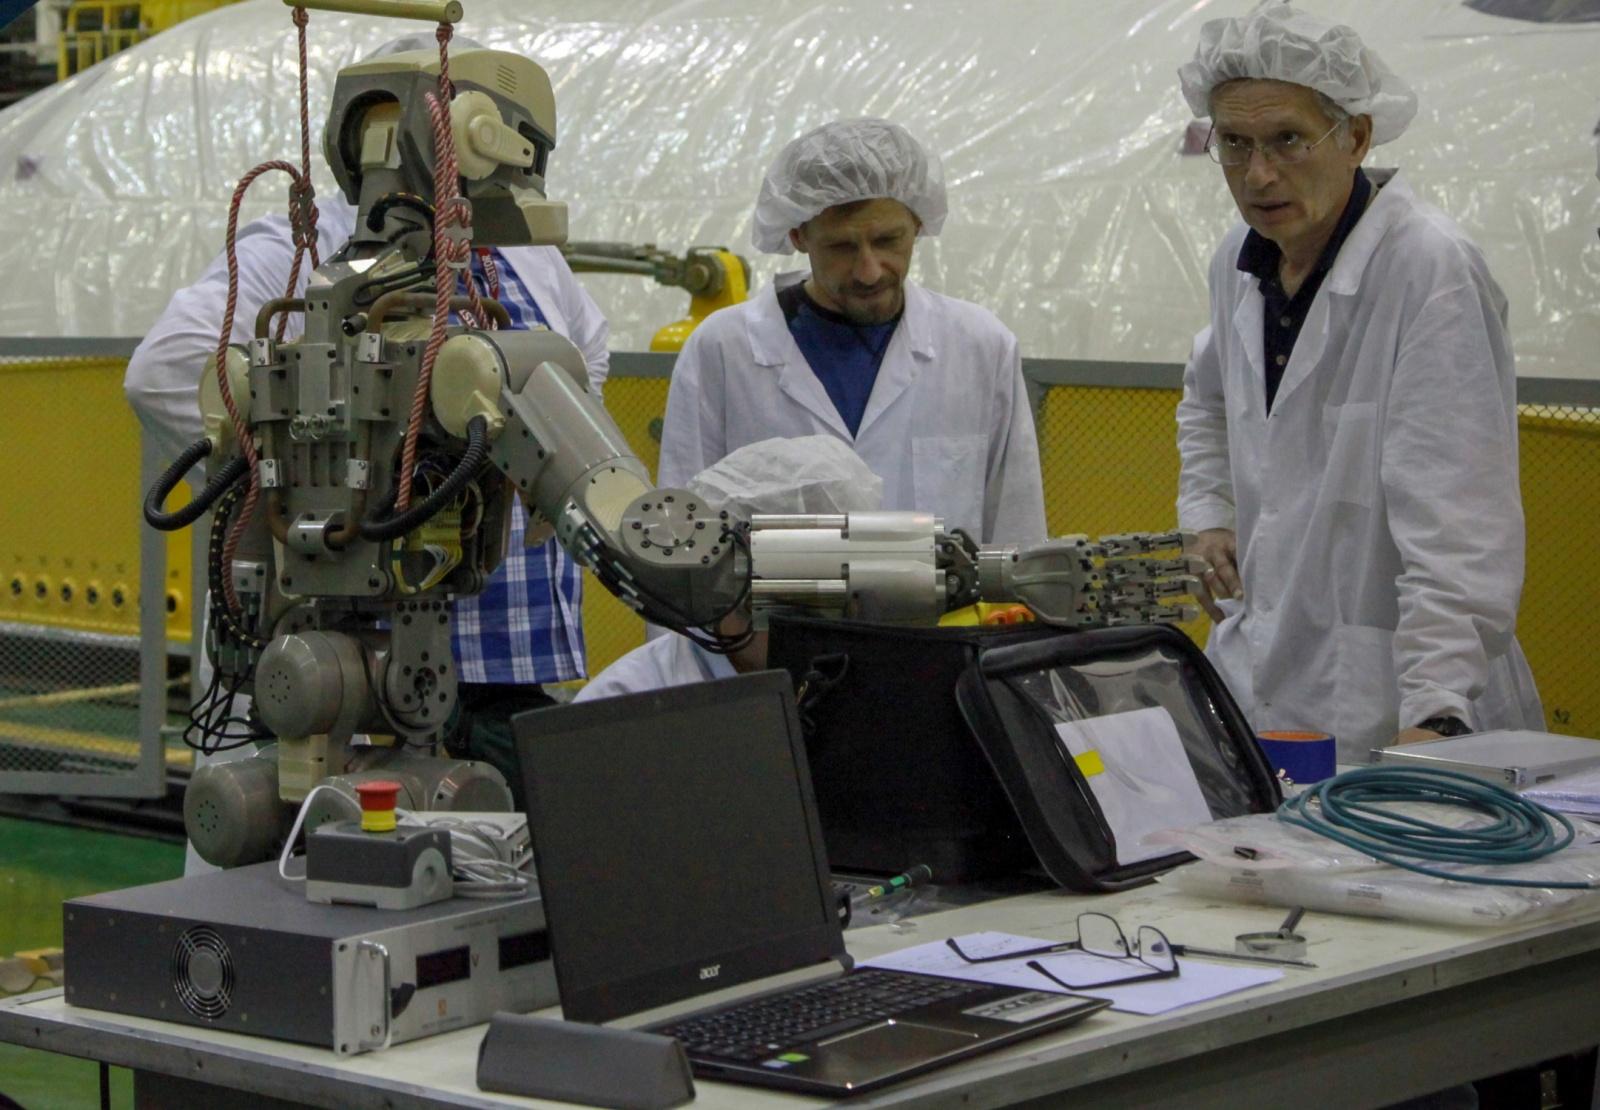 Робот FEDOR — много фото и даже видео с МКС, подготовка космонавта-оператора и первые испытания робота - 15